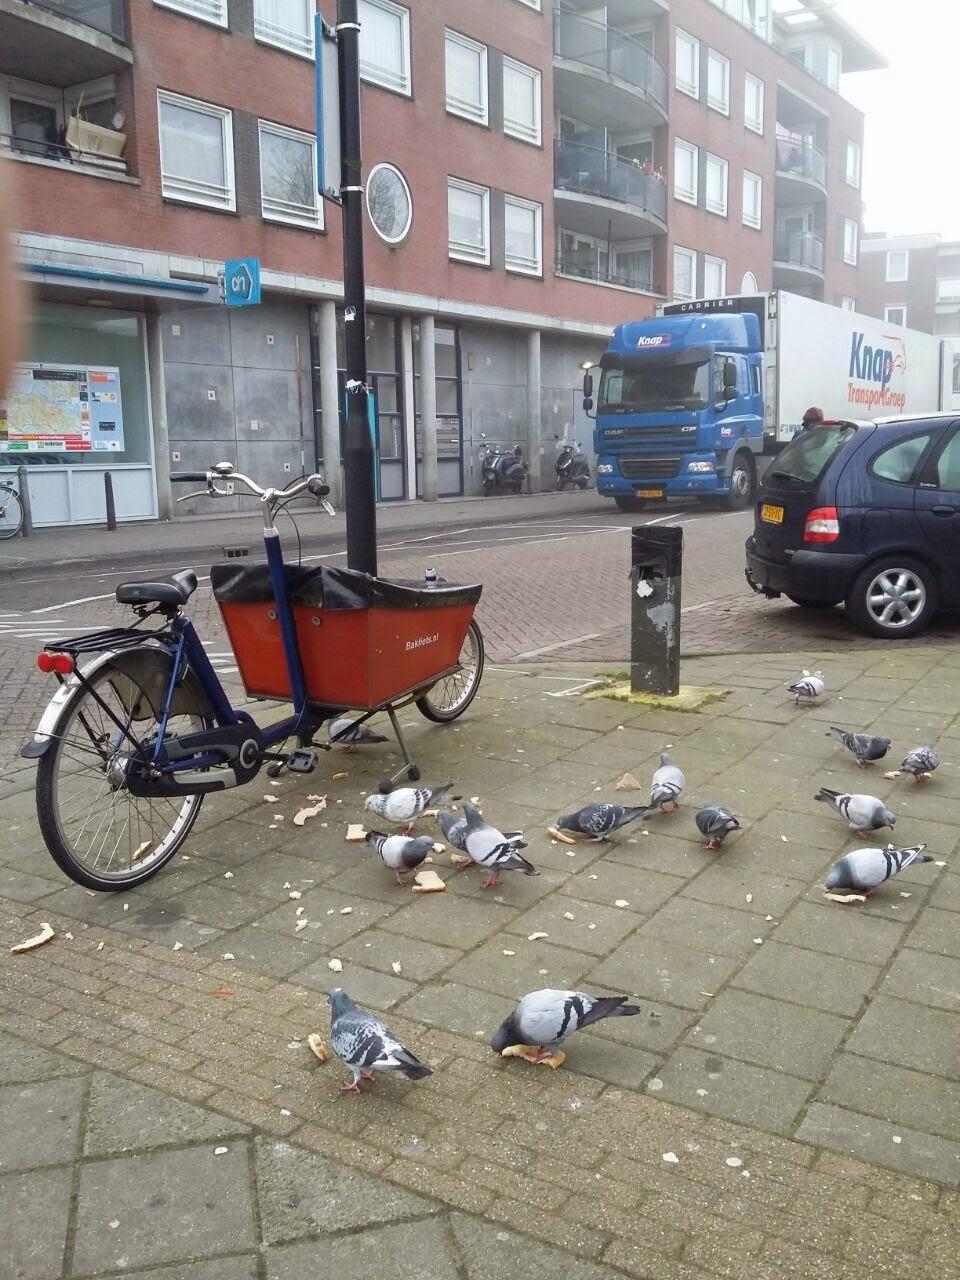 Bakfiets (Jenis sepeda di Belanda)